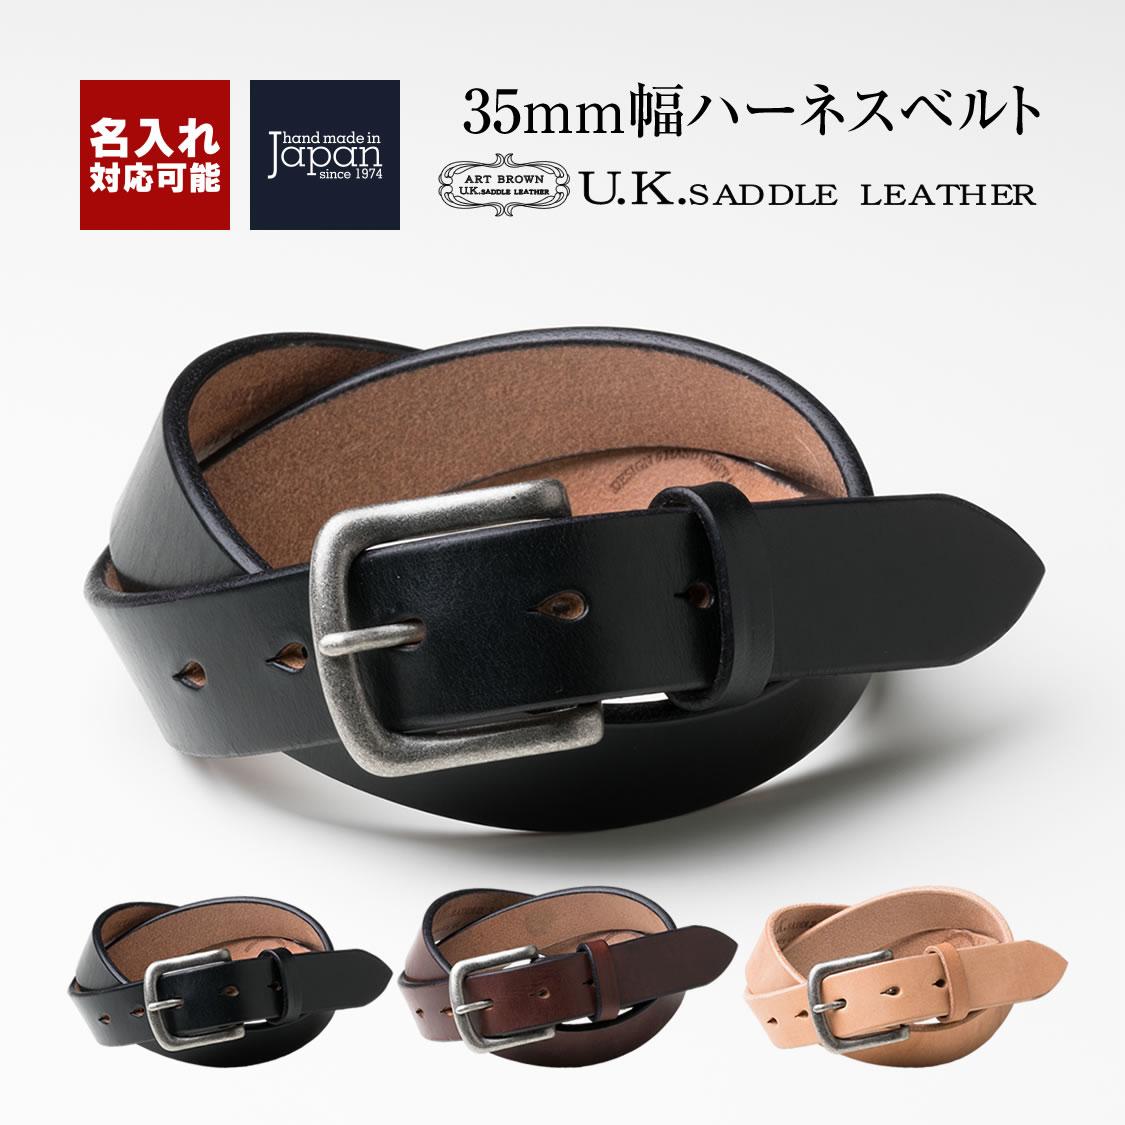 """今まで見たことない厚革で作る圧倒的な存在感を放つメンズベルト。流行に捉われない""""ホンモノ""""のベルトを持ってますか。"""